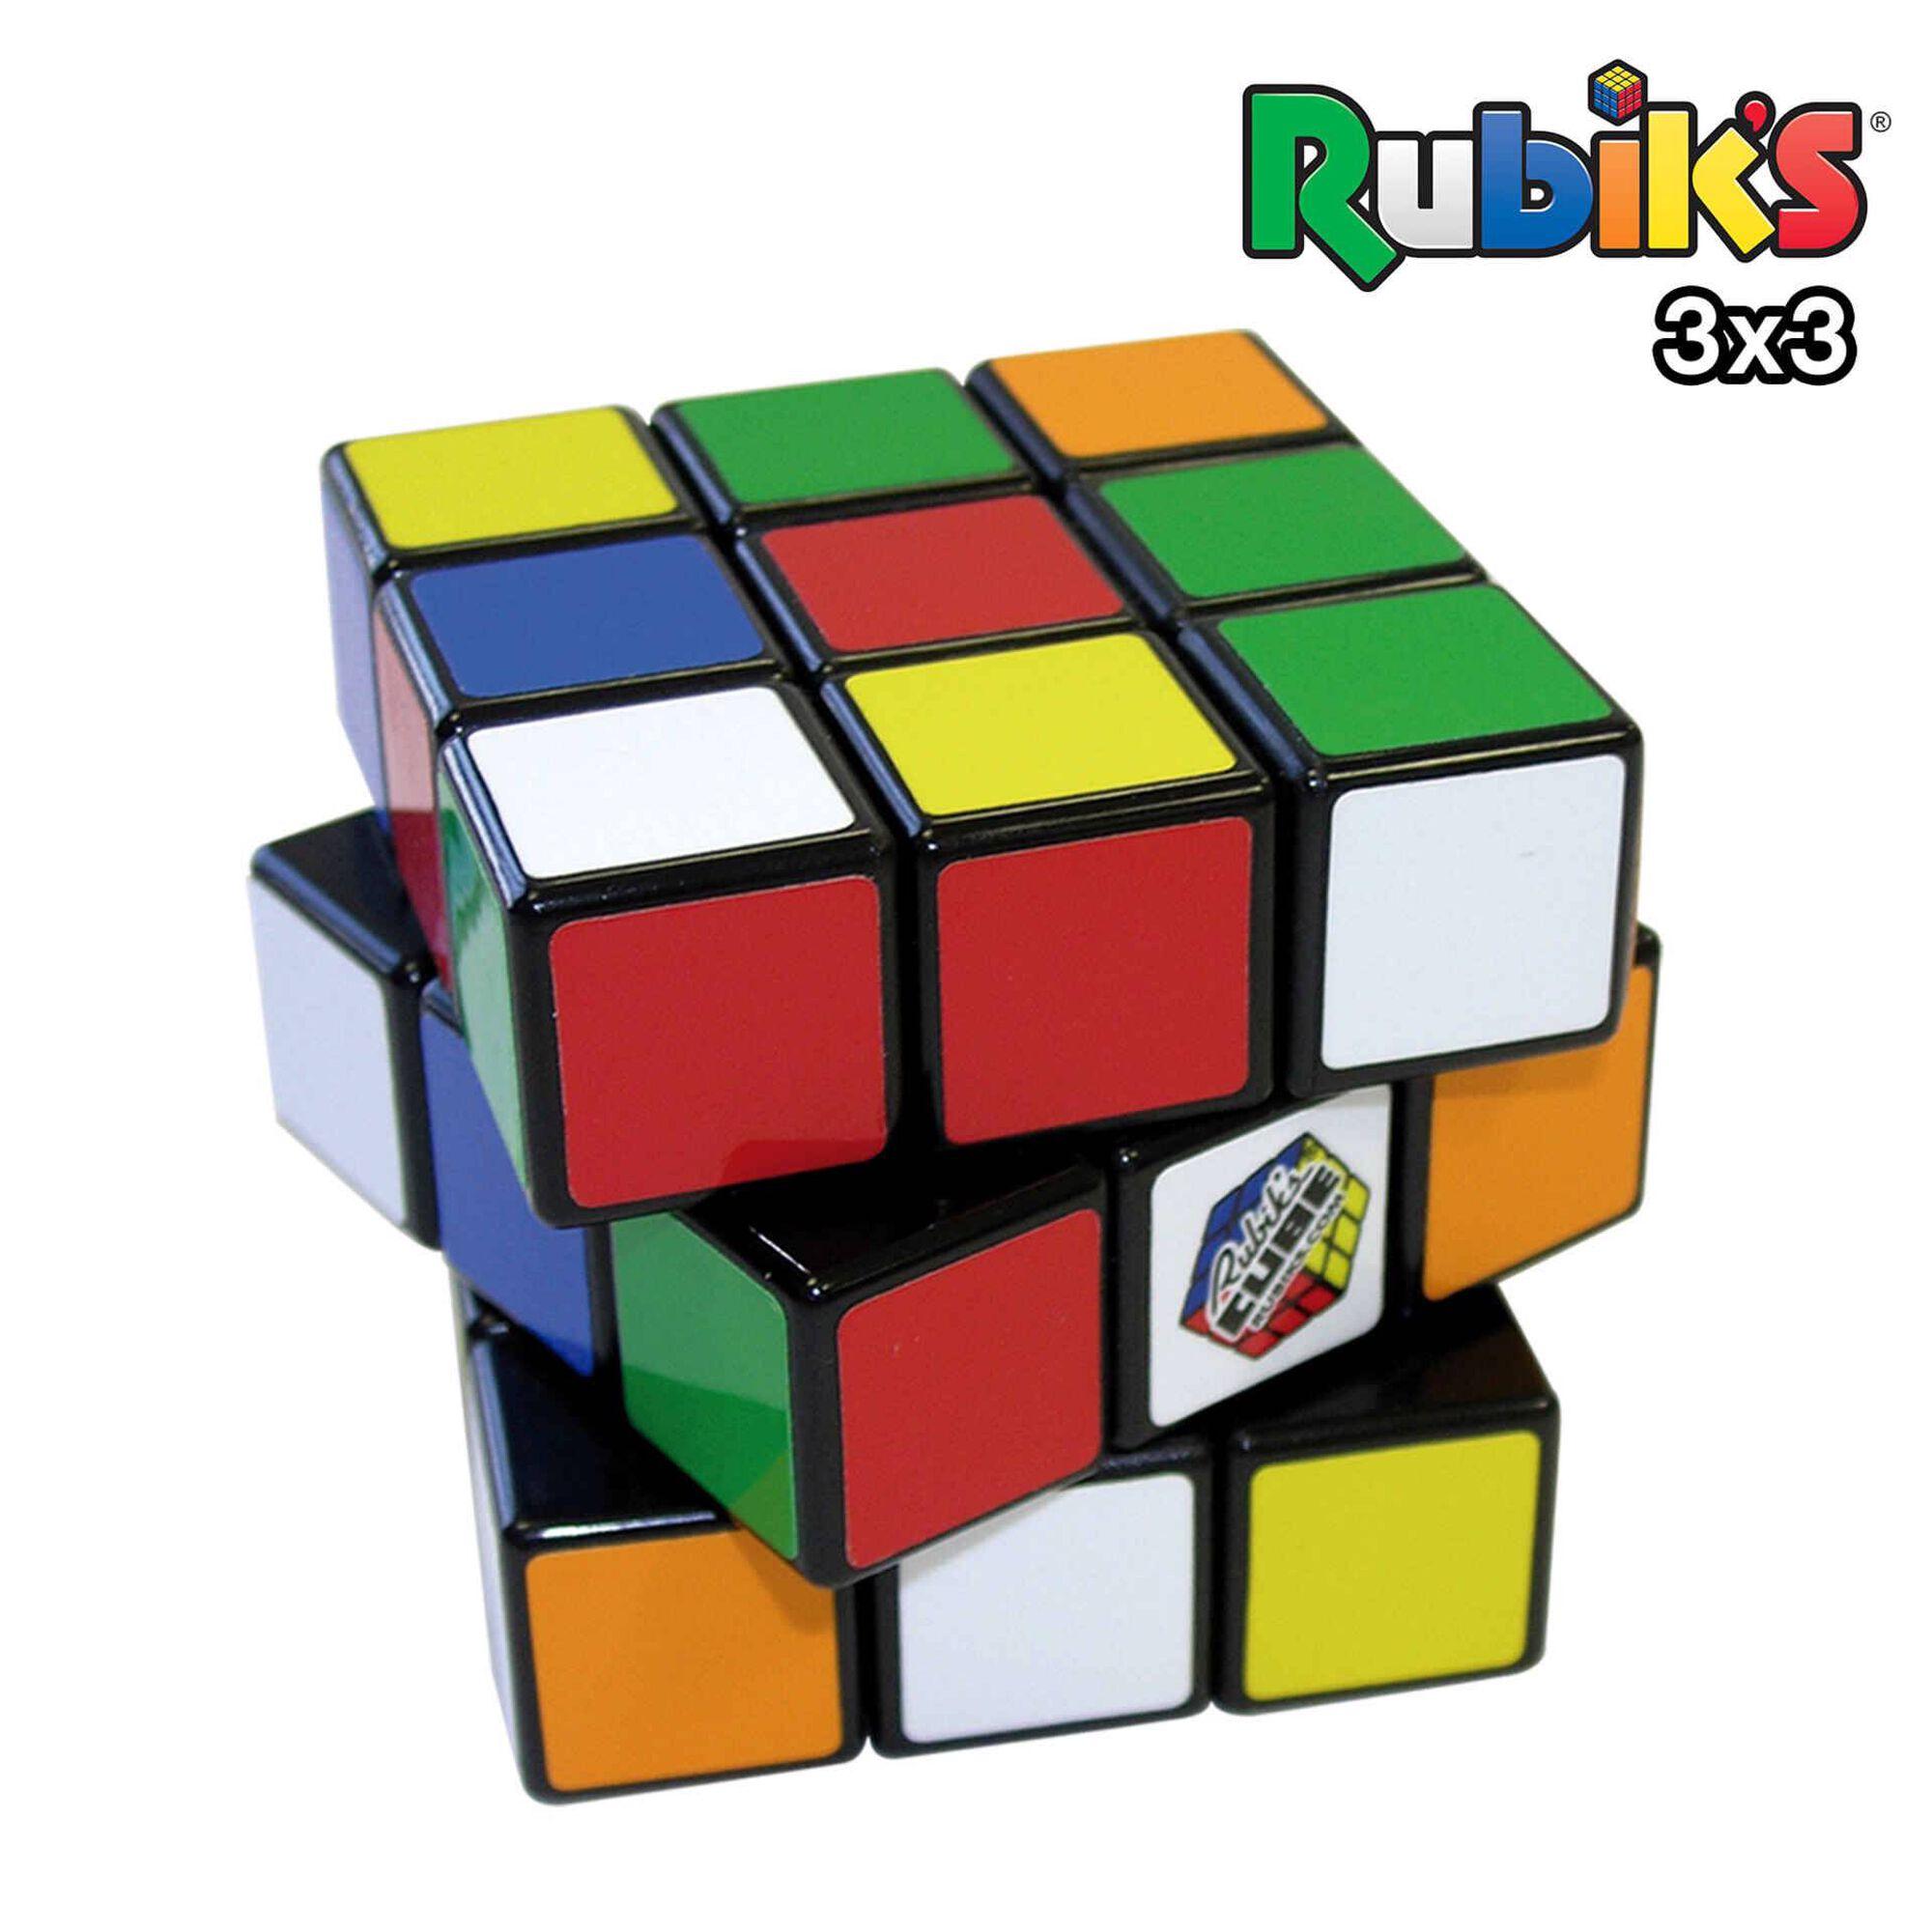 Cubo Rubik's 3x3 (30º Aniversário)